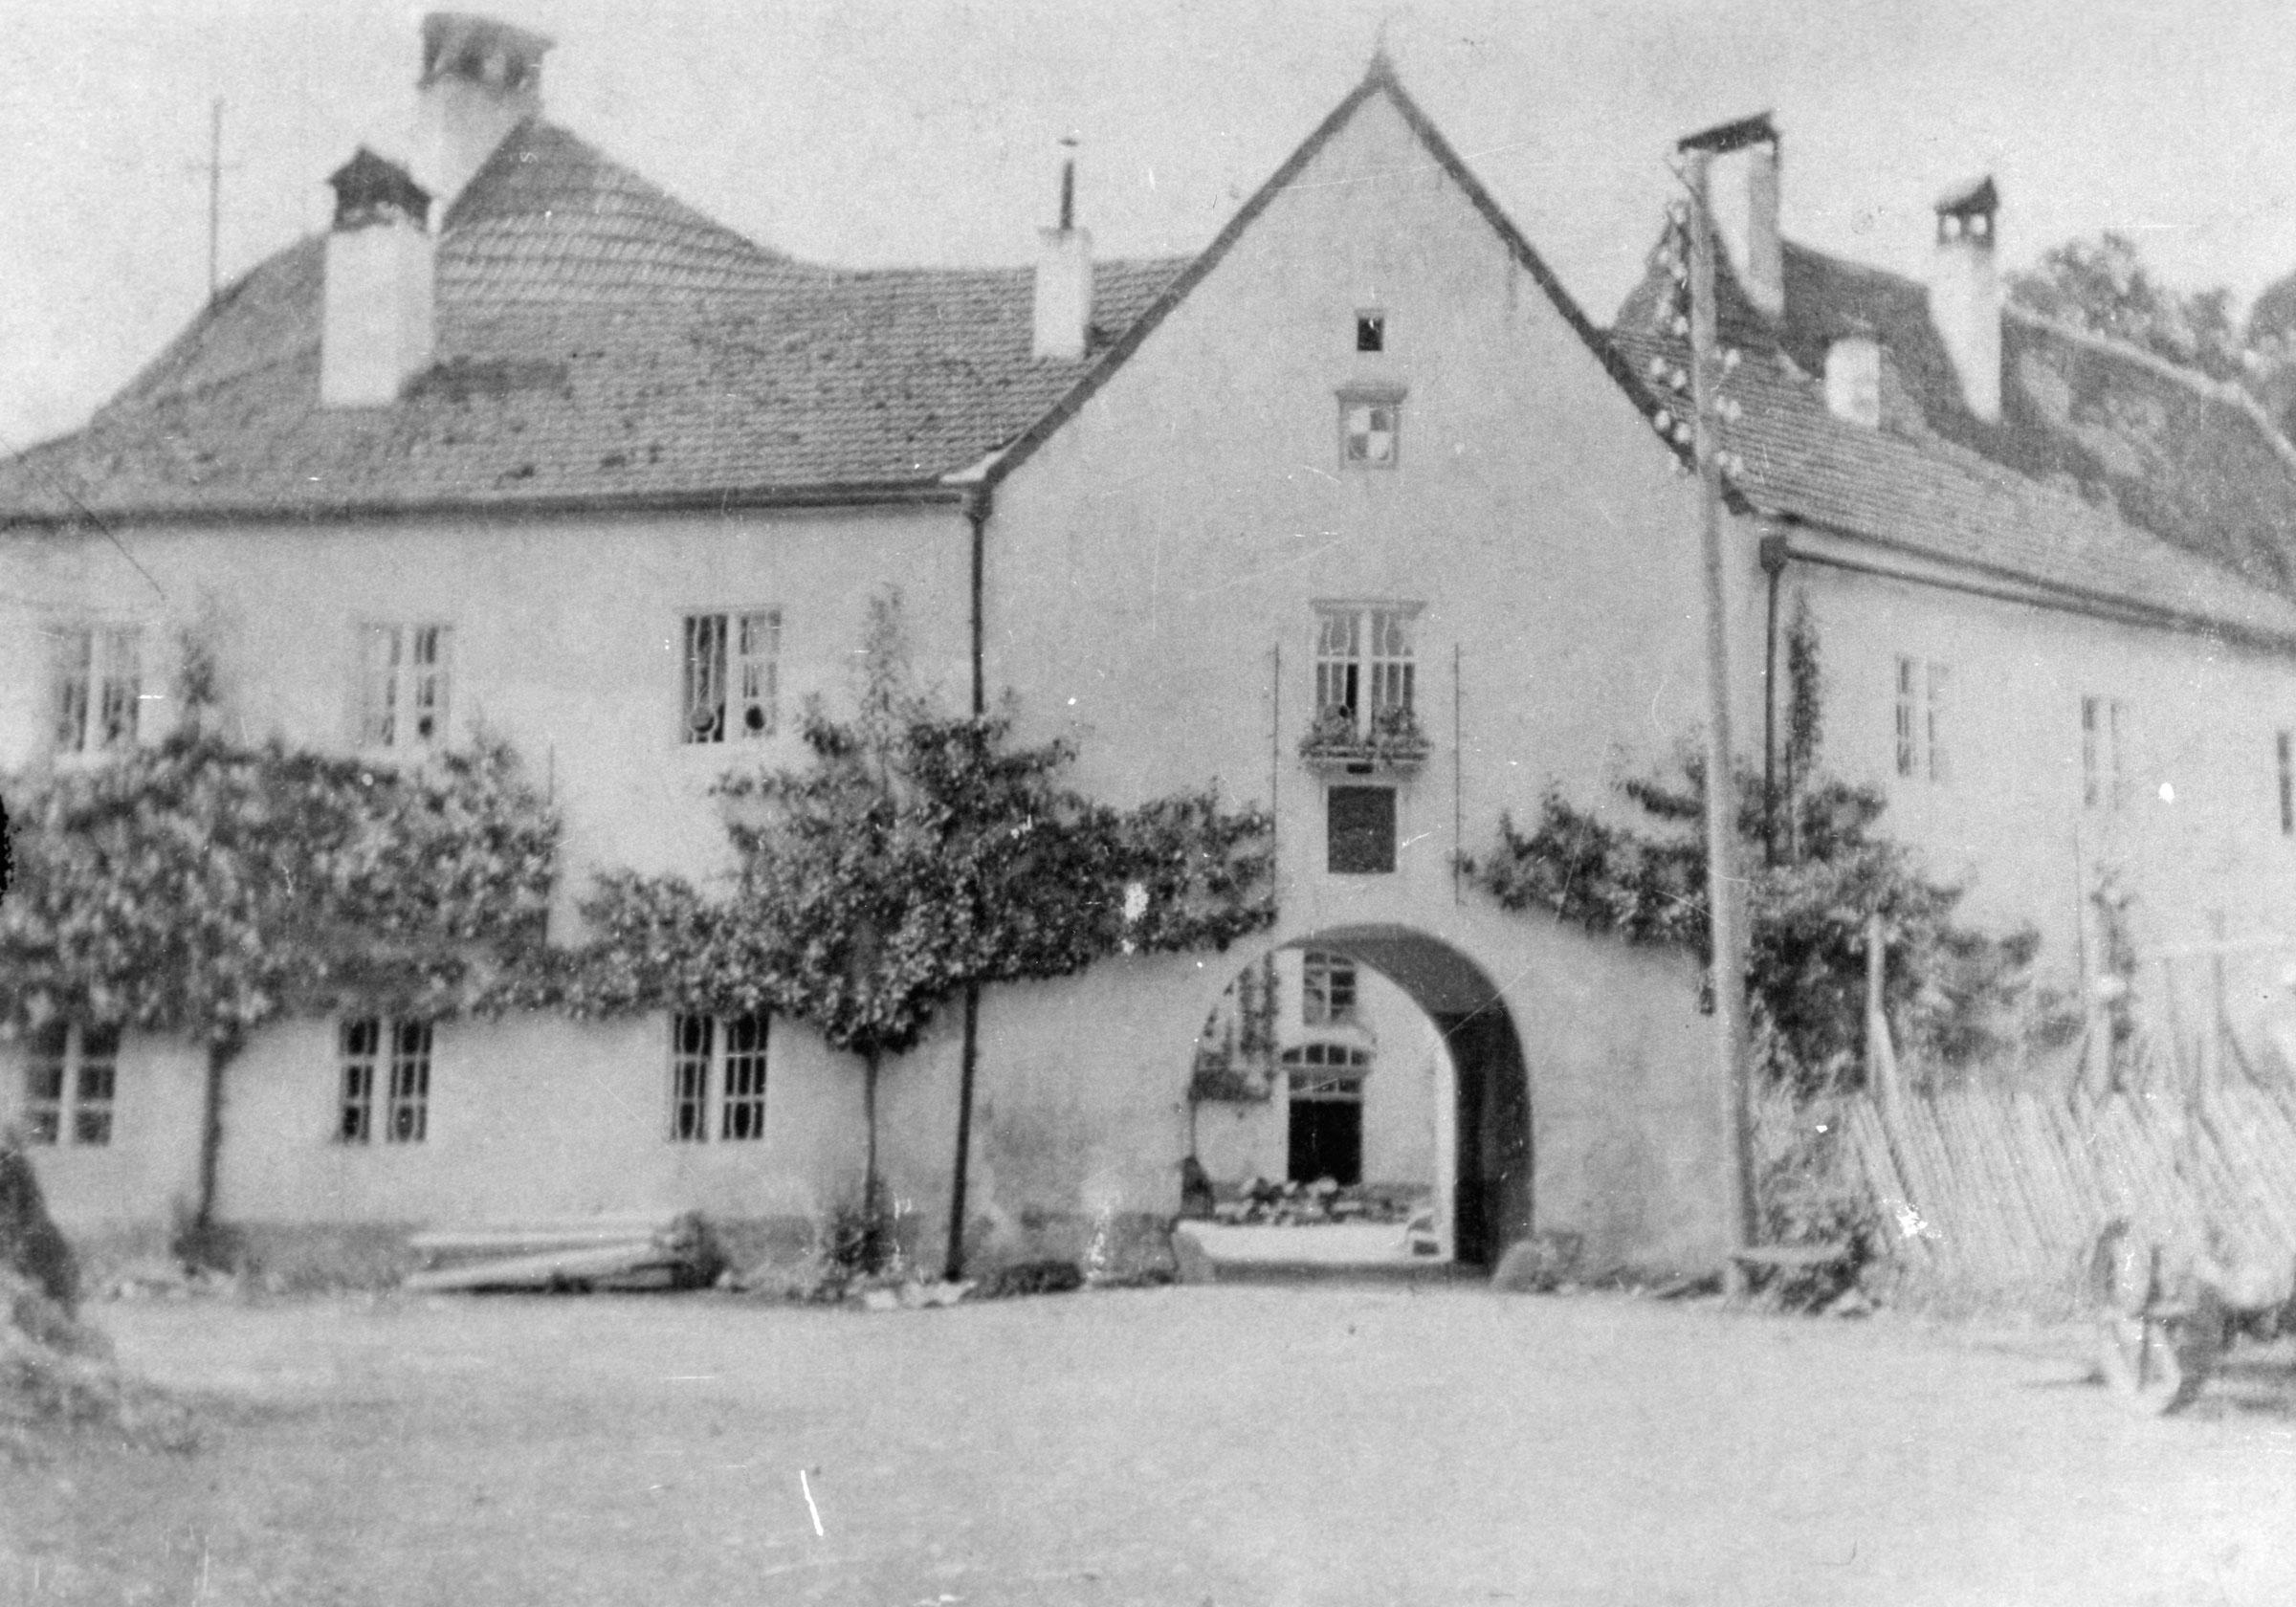 Historisches Brauereischloss